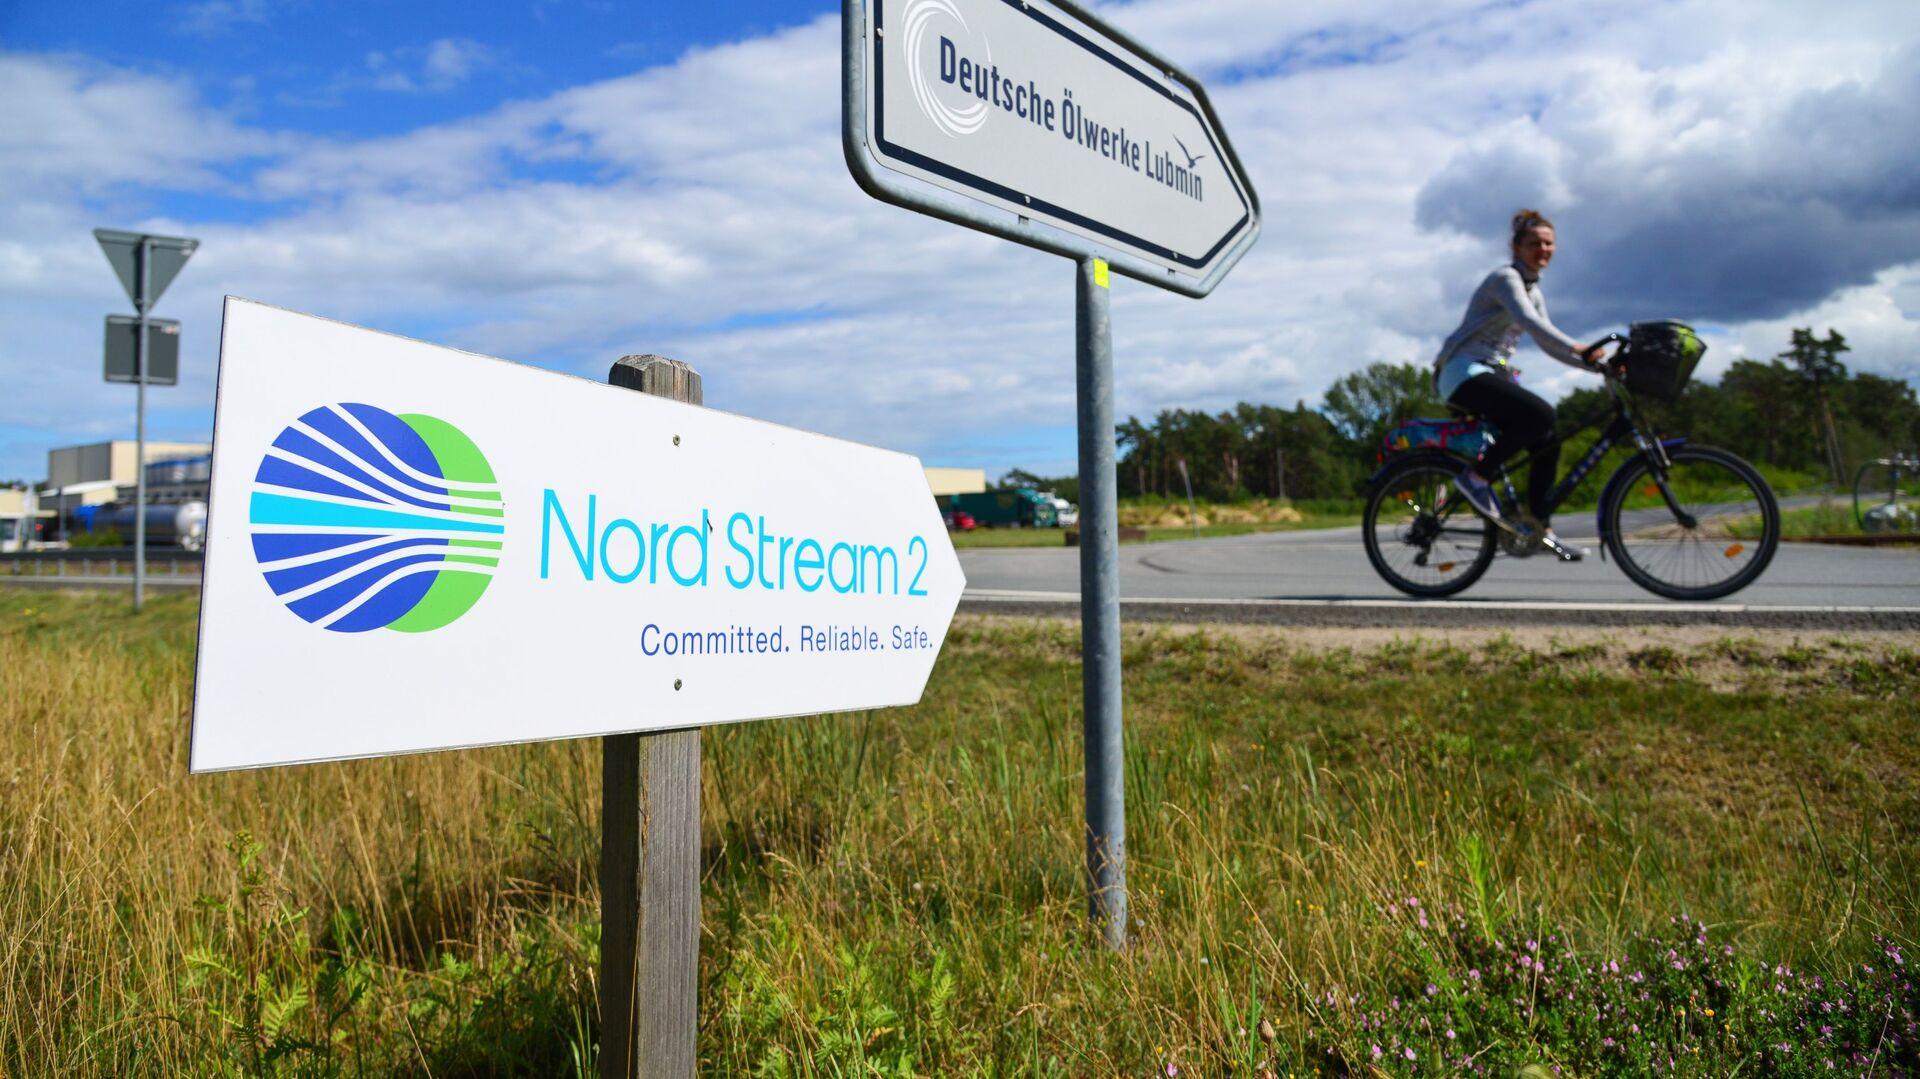 Una señal de Nord Stream 2 en Alemania - Sputnik Mundo, 1920, 23.03.2021